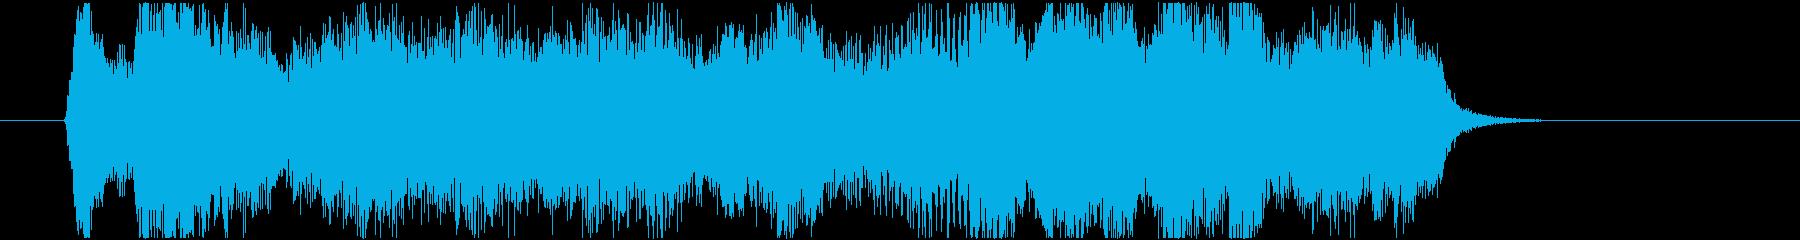 3拍子の優雅なストリングスジングルの再生済みの波形